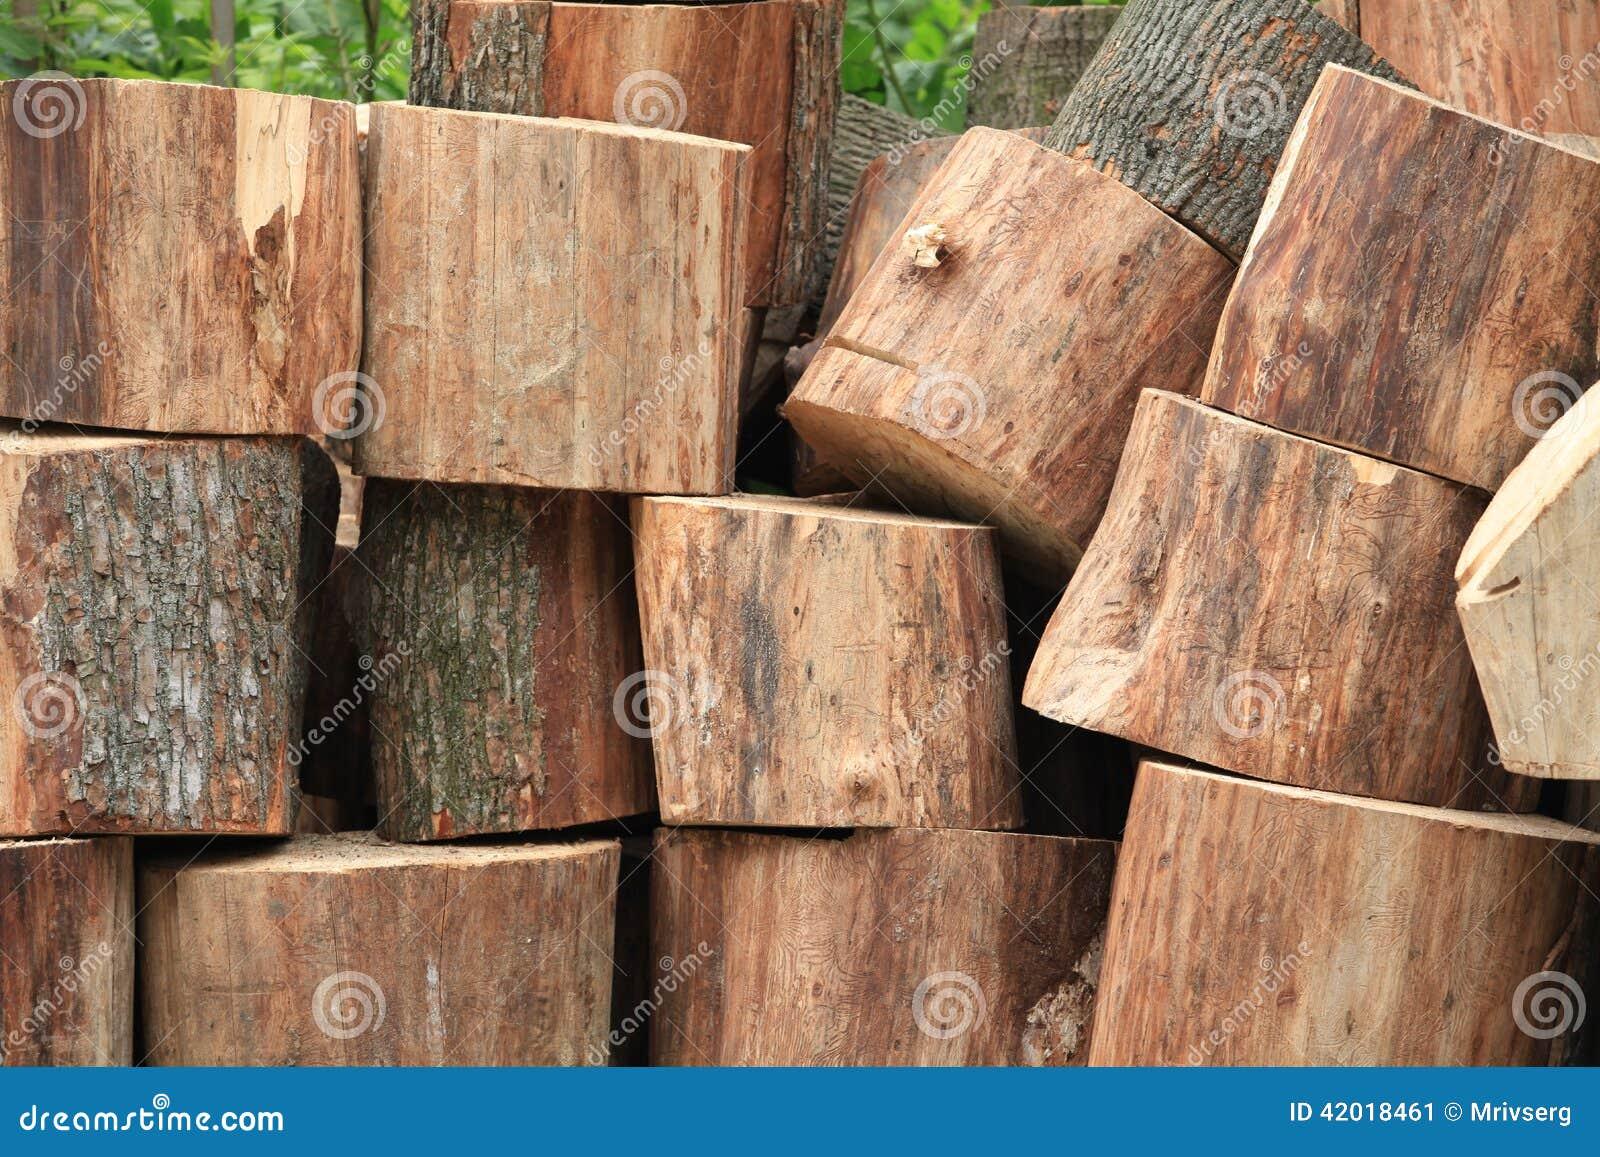 le tronc d 39 arbre a sci dans des morceaux le bois de chauffage image stock image 42018461. Black Bedroom Furniture Sets. Home Design Ideas